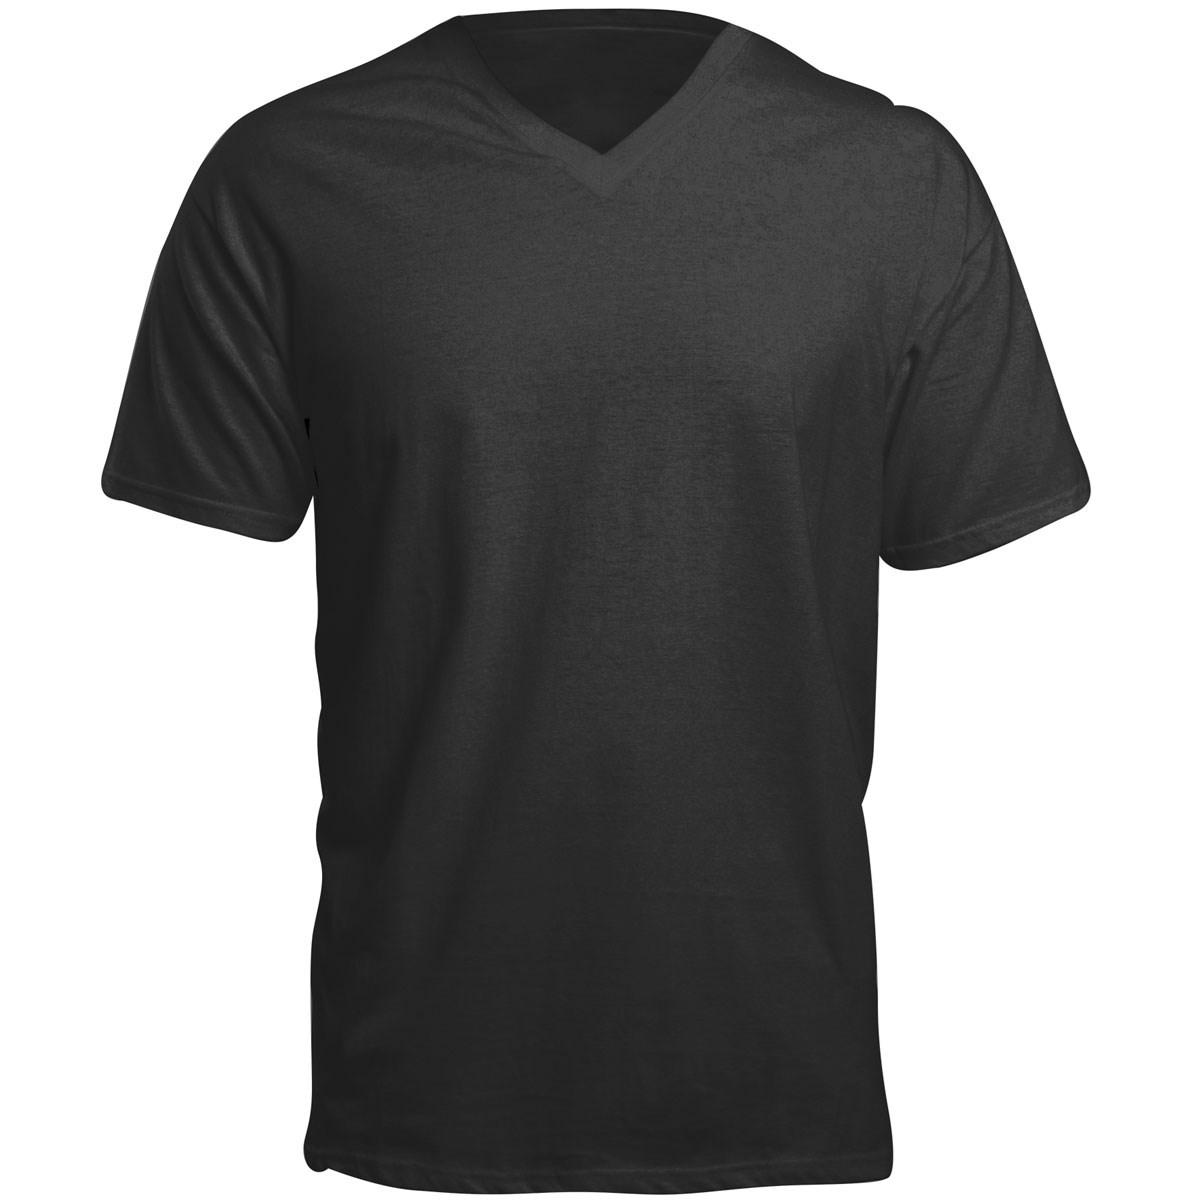 ゴーゼロ 吸汗速乾半袖インナーシャツ